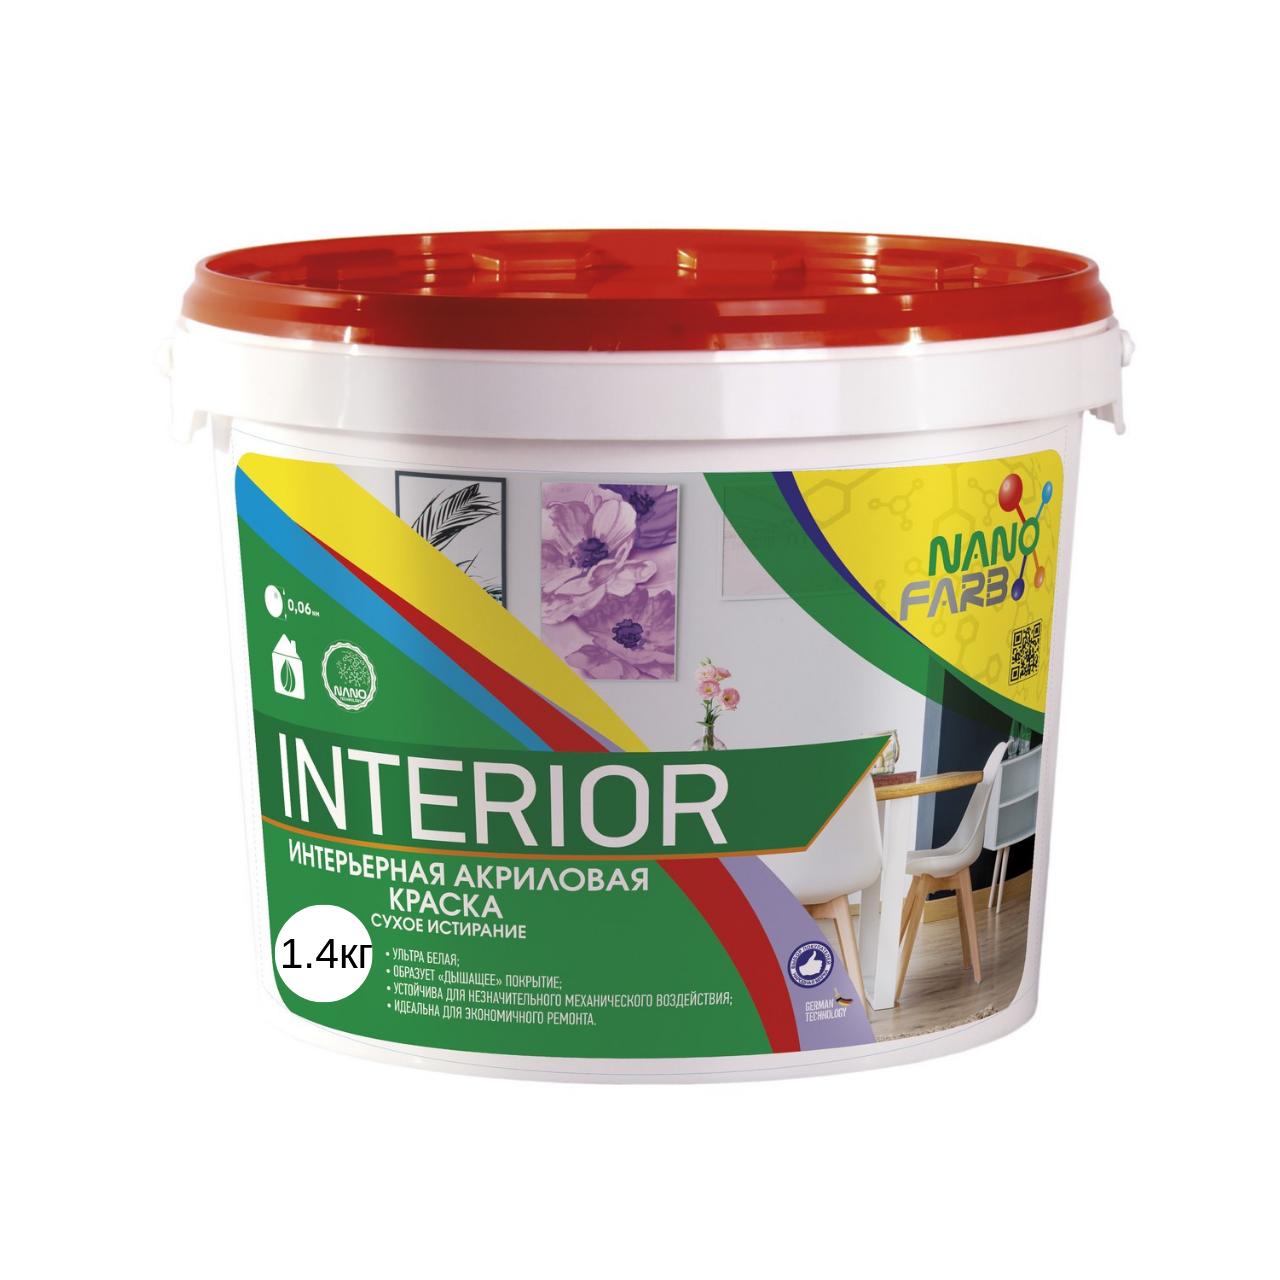 Интерьерная краска для стен и потолка Nanofarb Interior 1.4кг (Нанофарб Интериор)